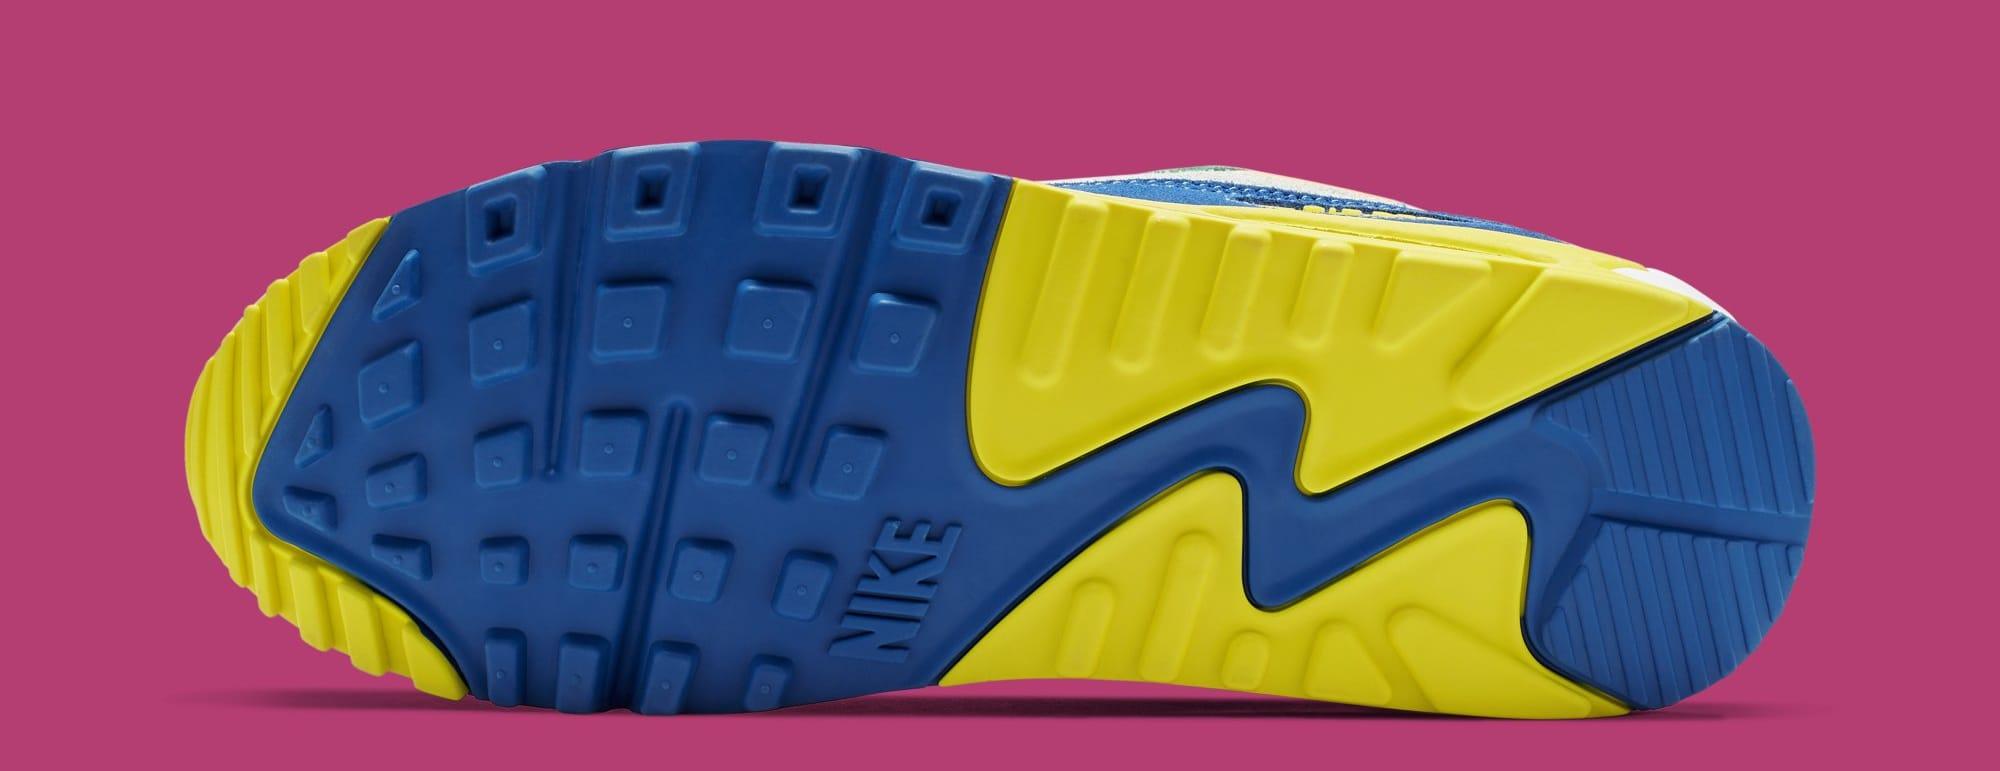 Nike Air Max 90 QS 'Viotech' Lucid Green/Game Royal CD0917-300 (Sole)